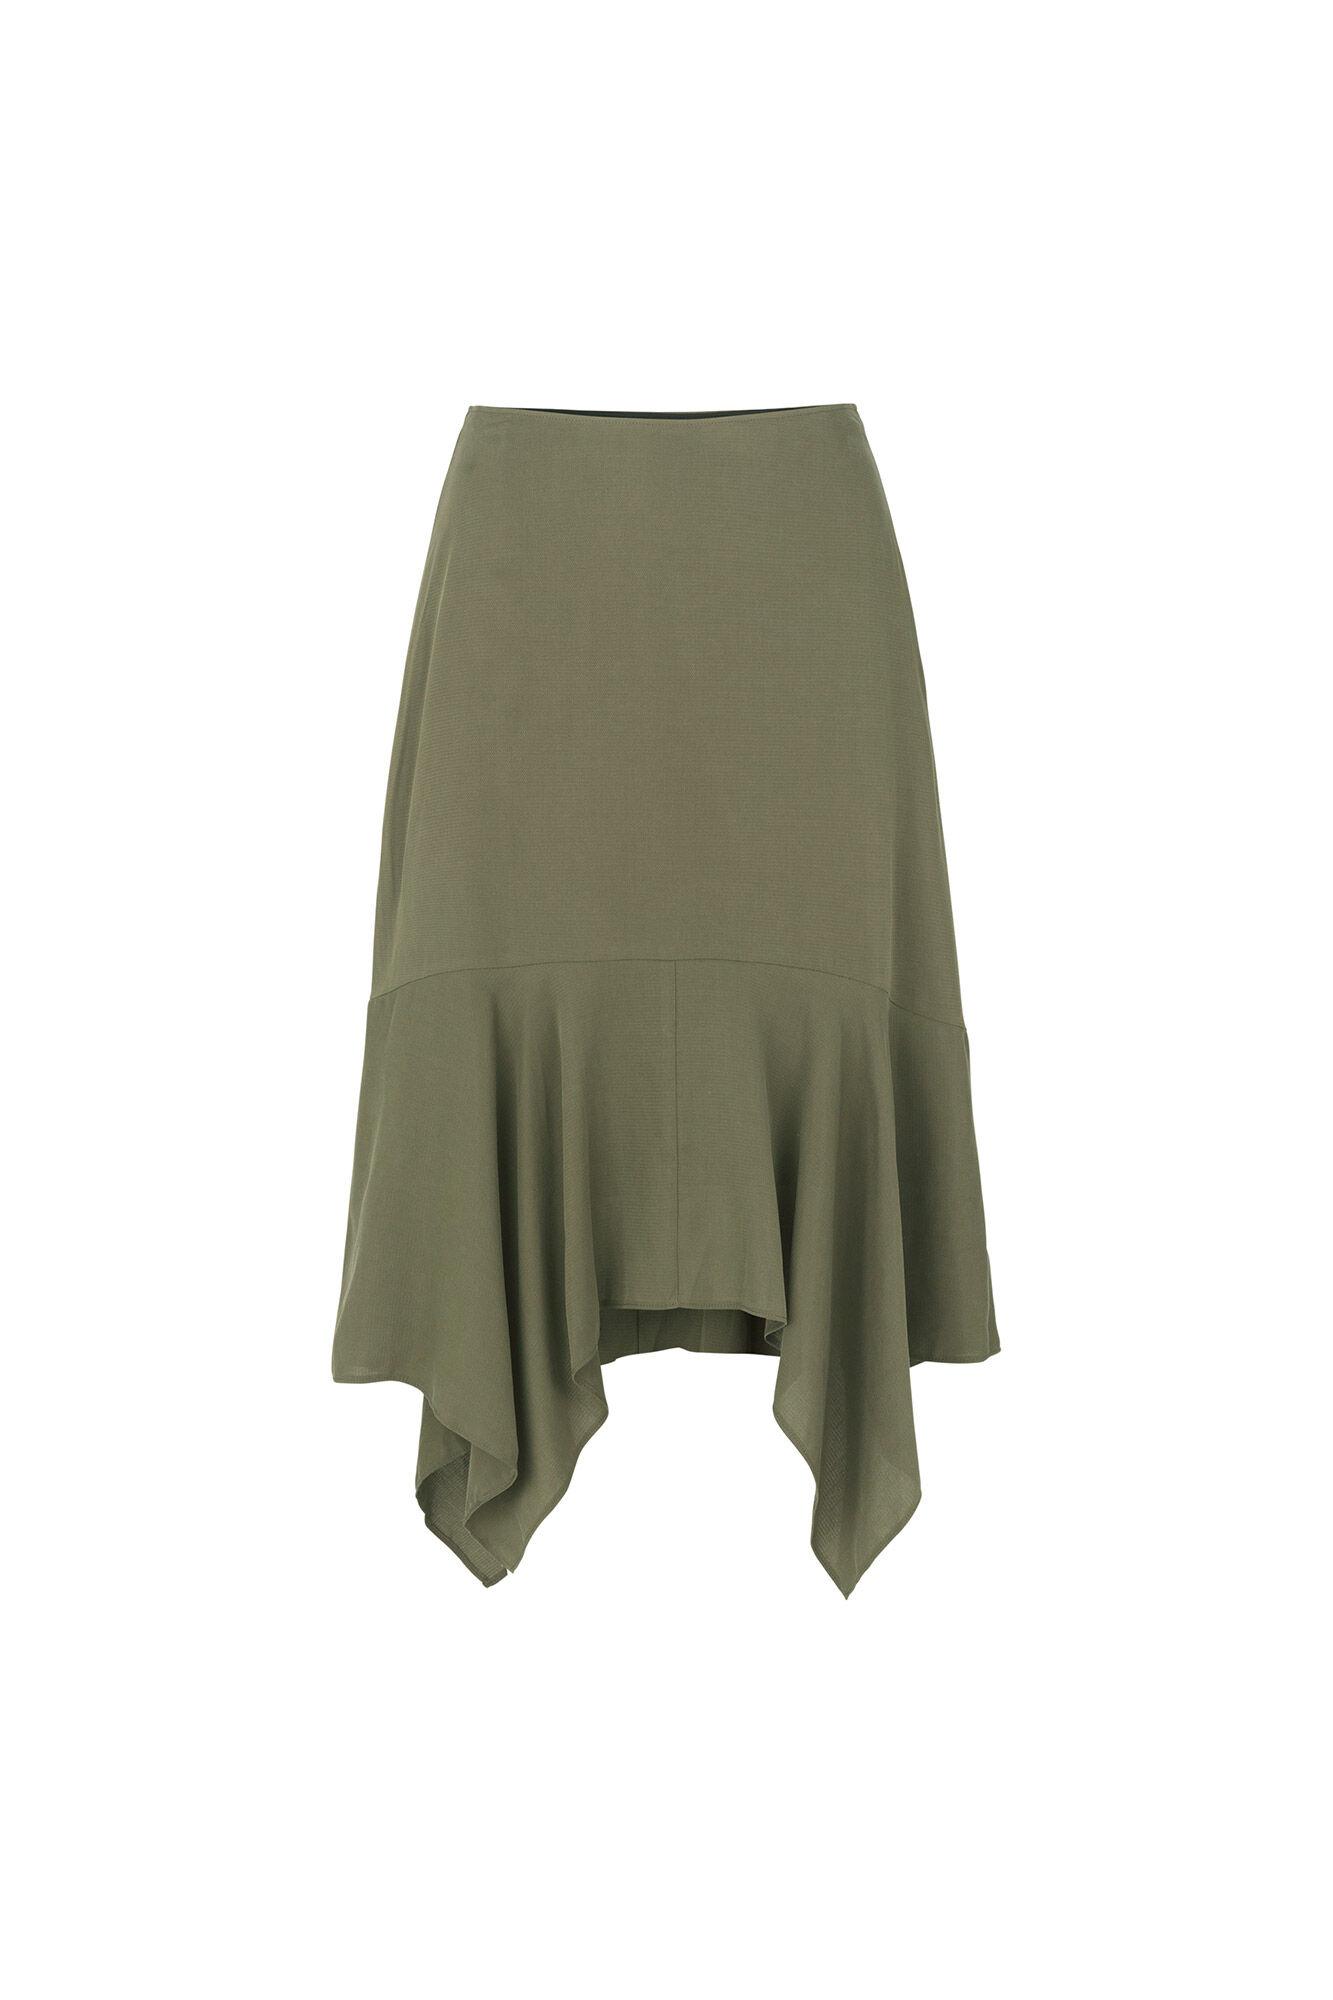 Dianna skirt, IVY GREEN